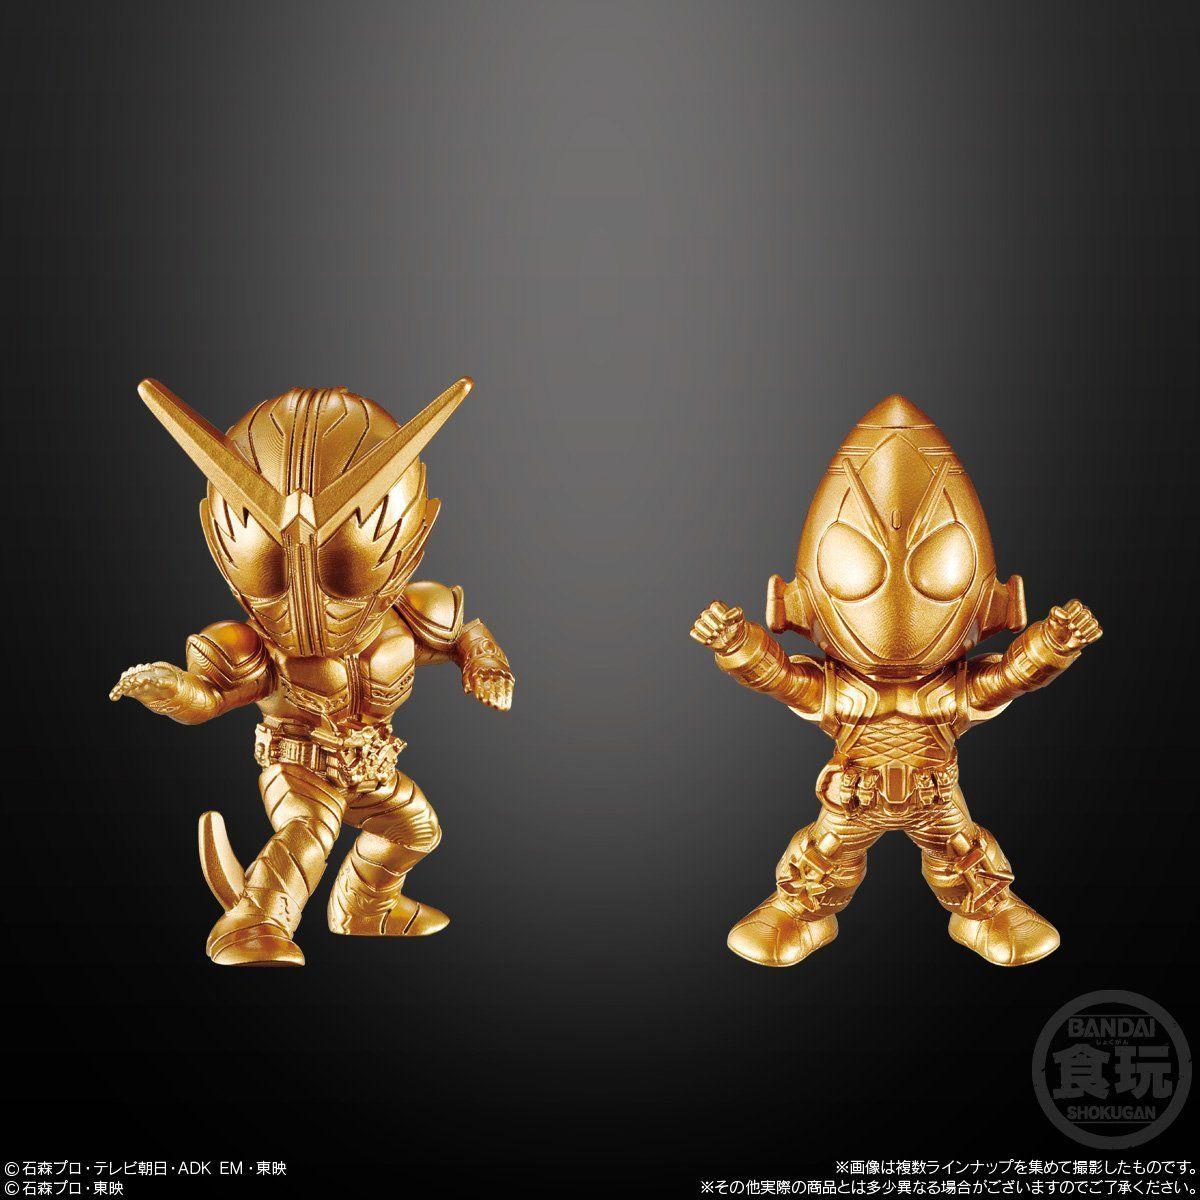 【食玩】『仮面ライダーゴールドフィギュア04』16個入りBOX-006